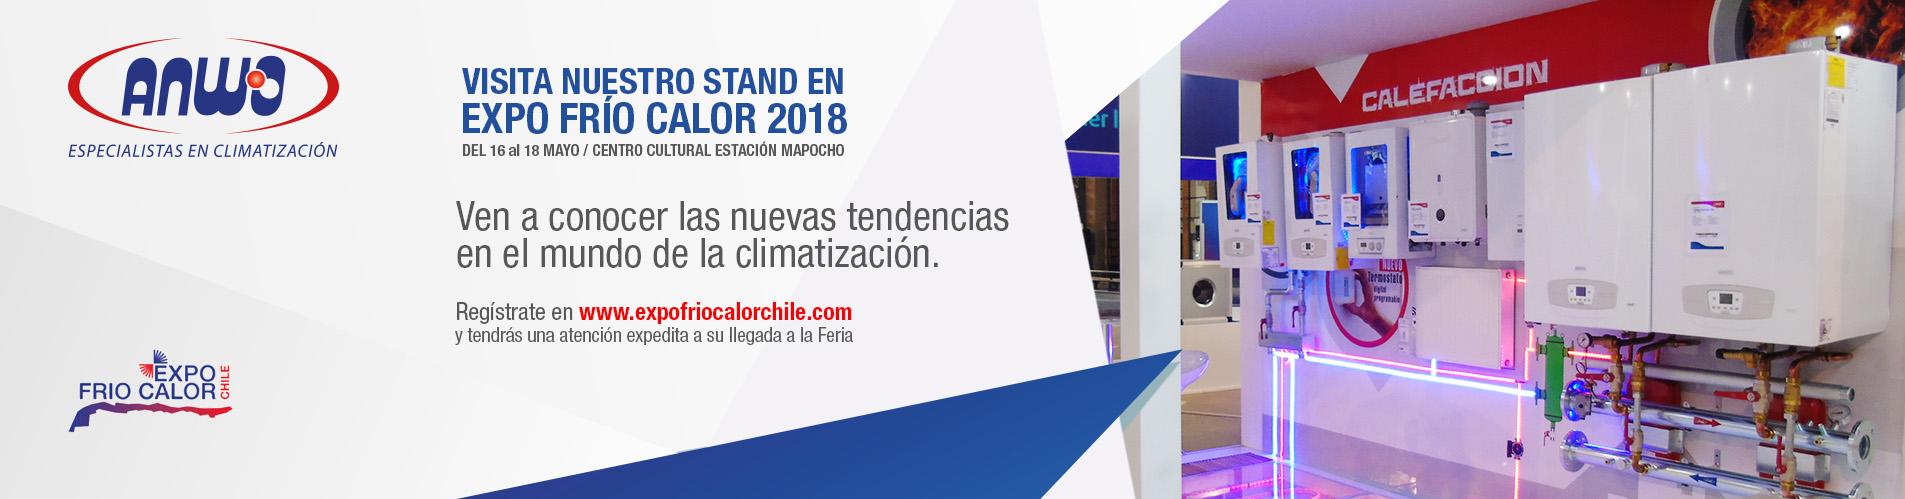 Expo frio calor 2018